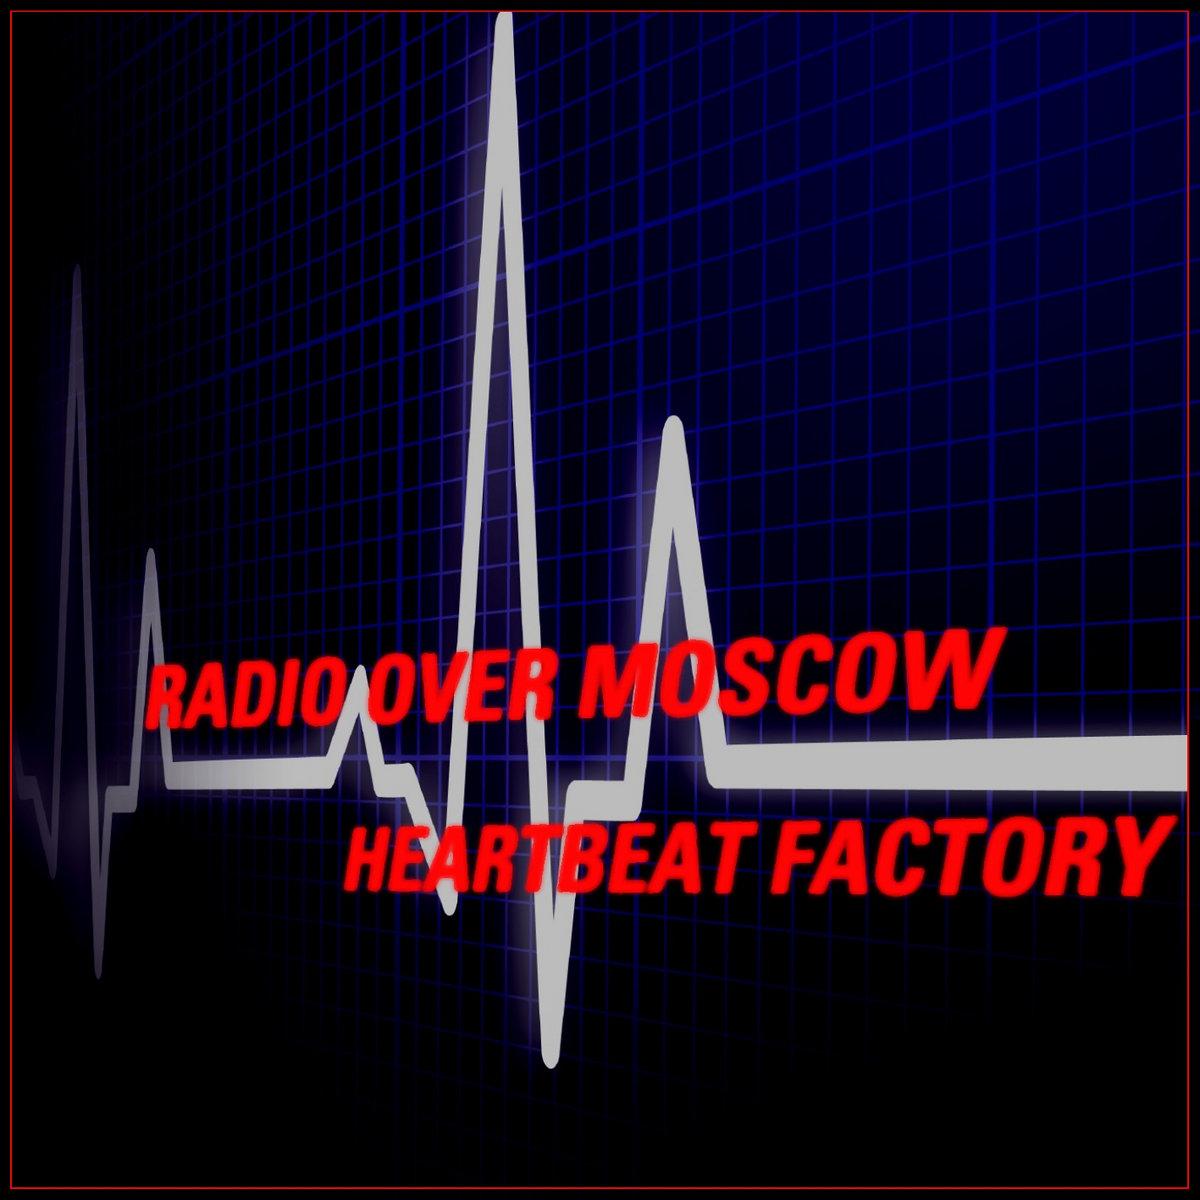 Heartbeat Factory